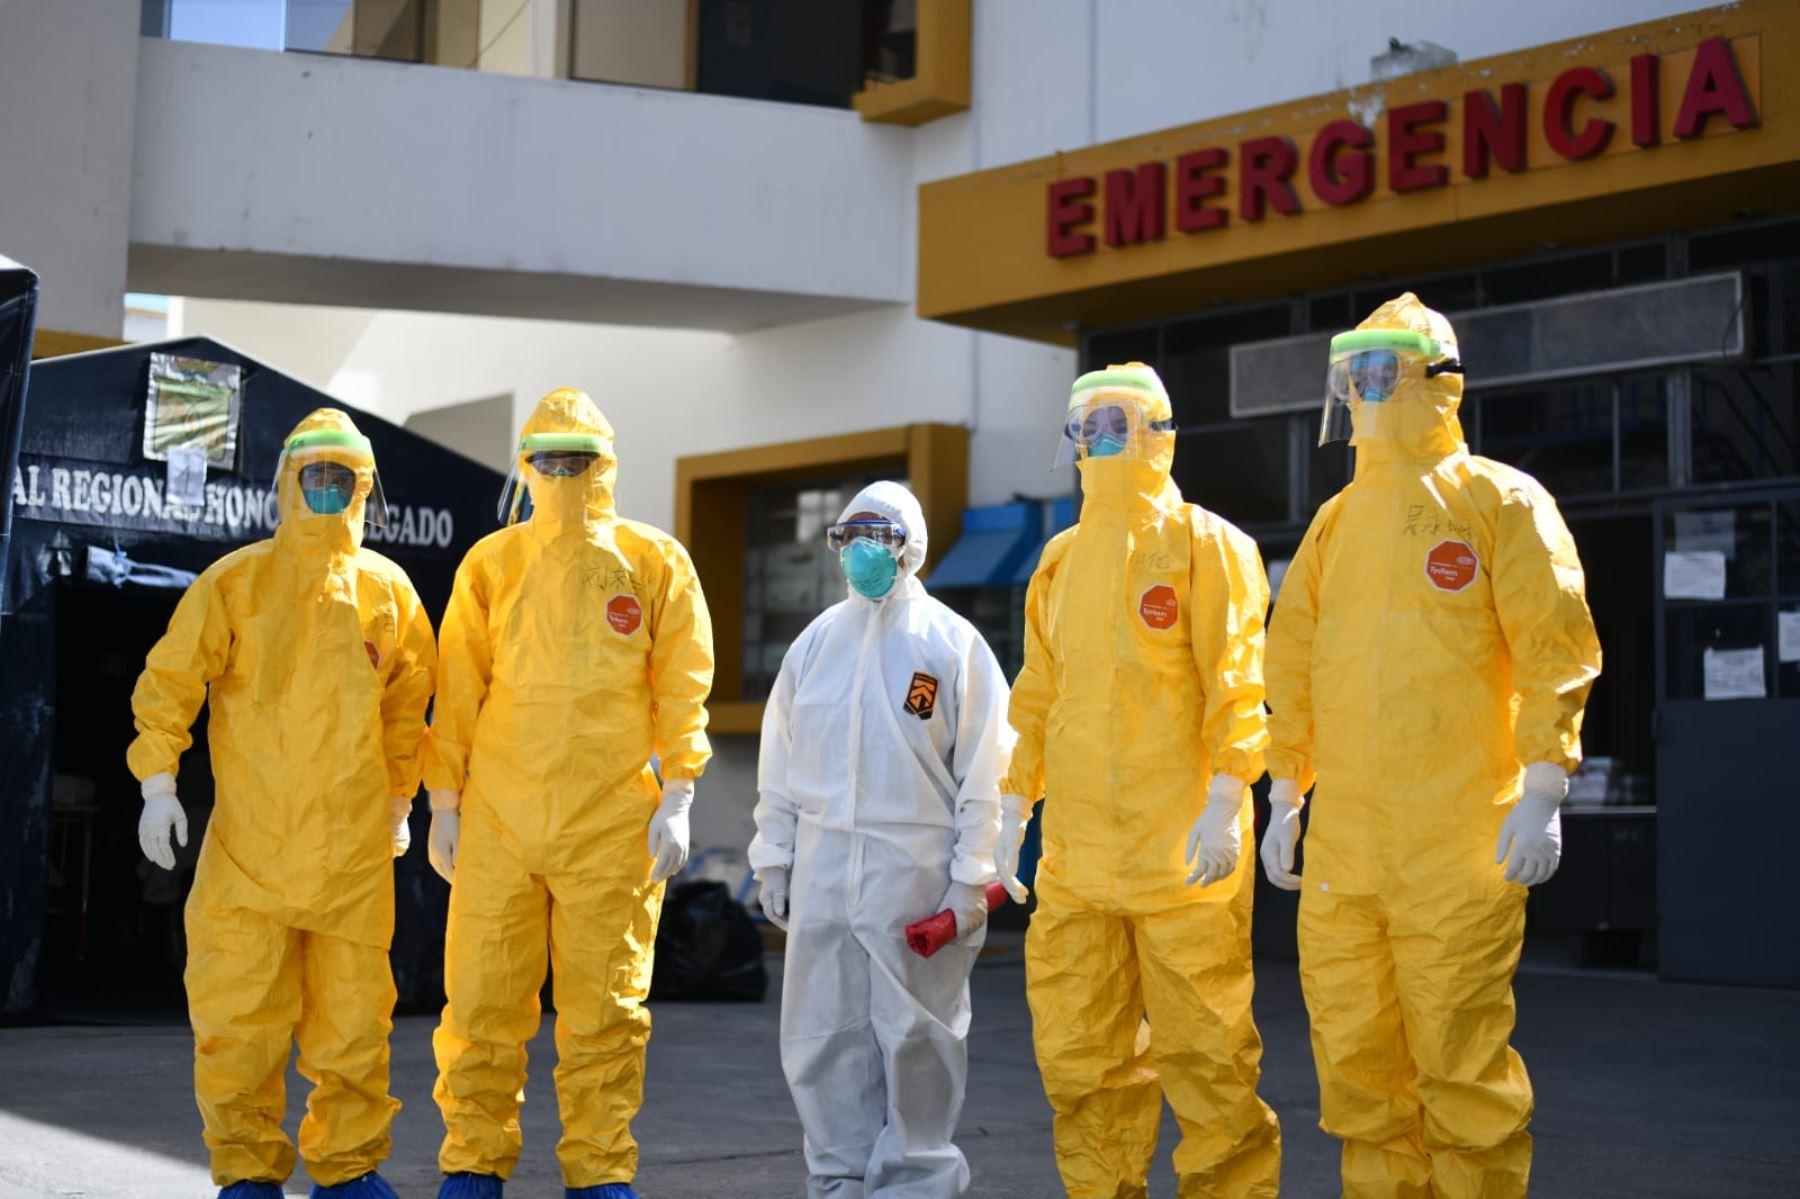 Delegación de médicos chinos se  reúnen con el Gobernador Regional de Arequipa, Elmer Cáceres Llica, y funcionarios de la Gerencia de Salud, para brindar asistencia técnica en la atención a pacientes covid-19. Foto: Cortesía /Diego Ramos Lupo